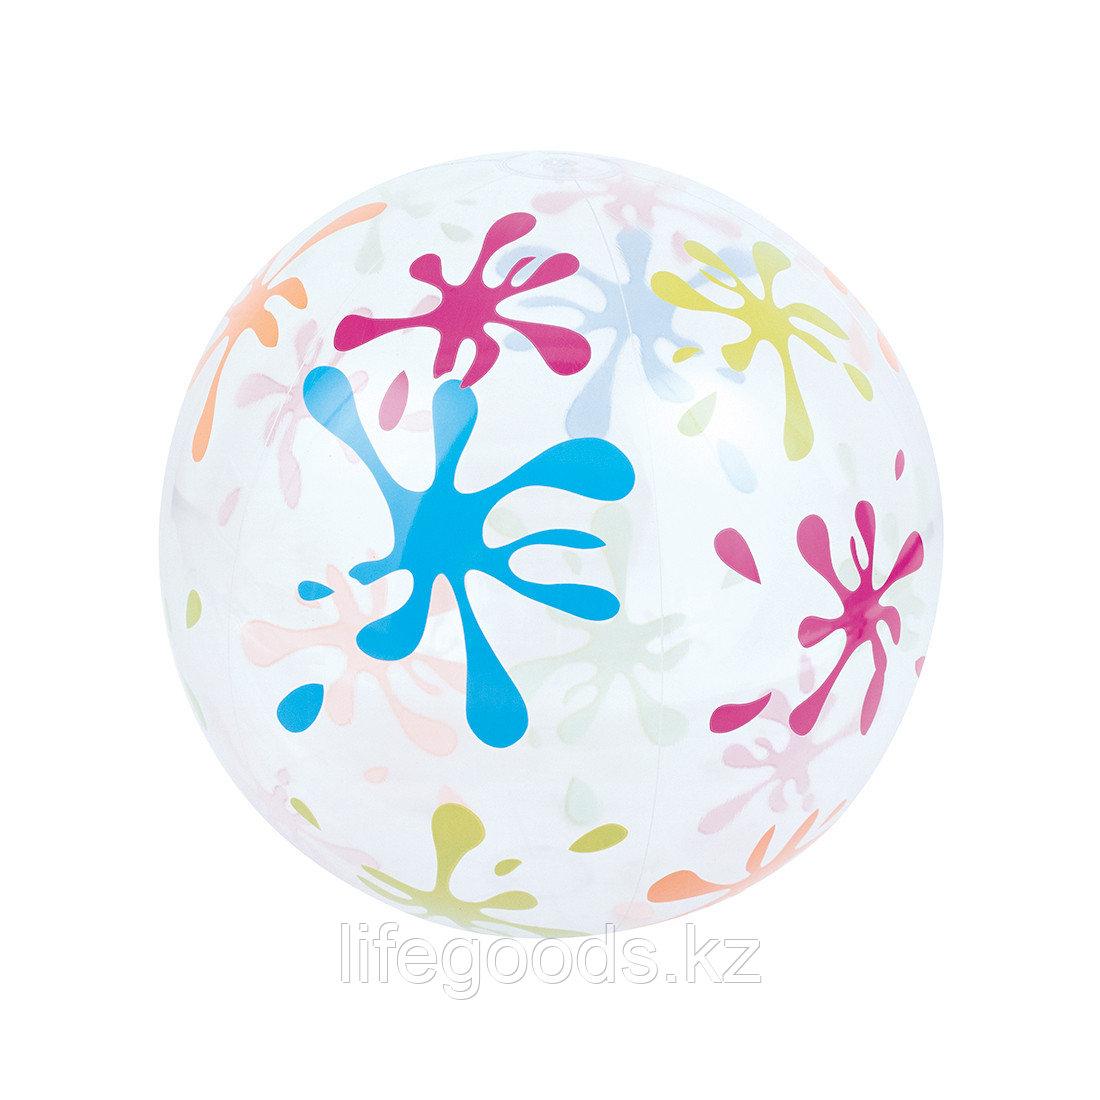 Надувной мяч (диаметр 122 см) Bestway 31017